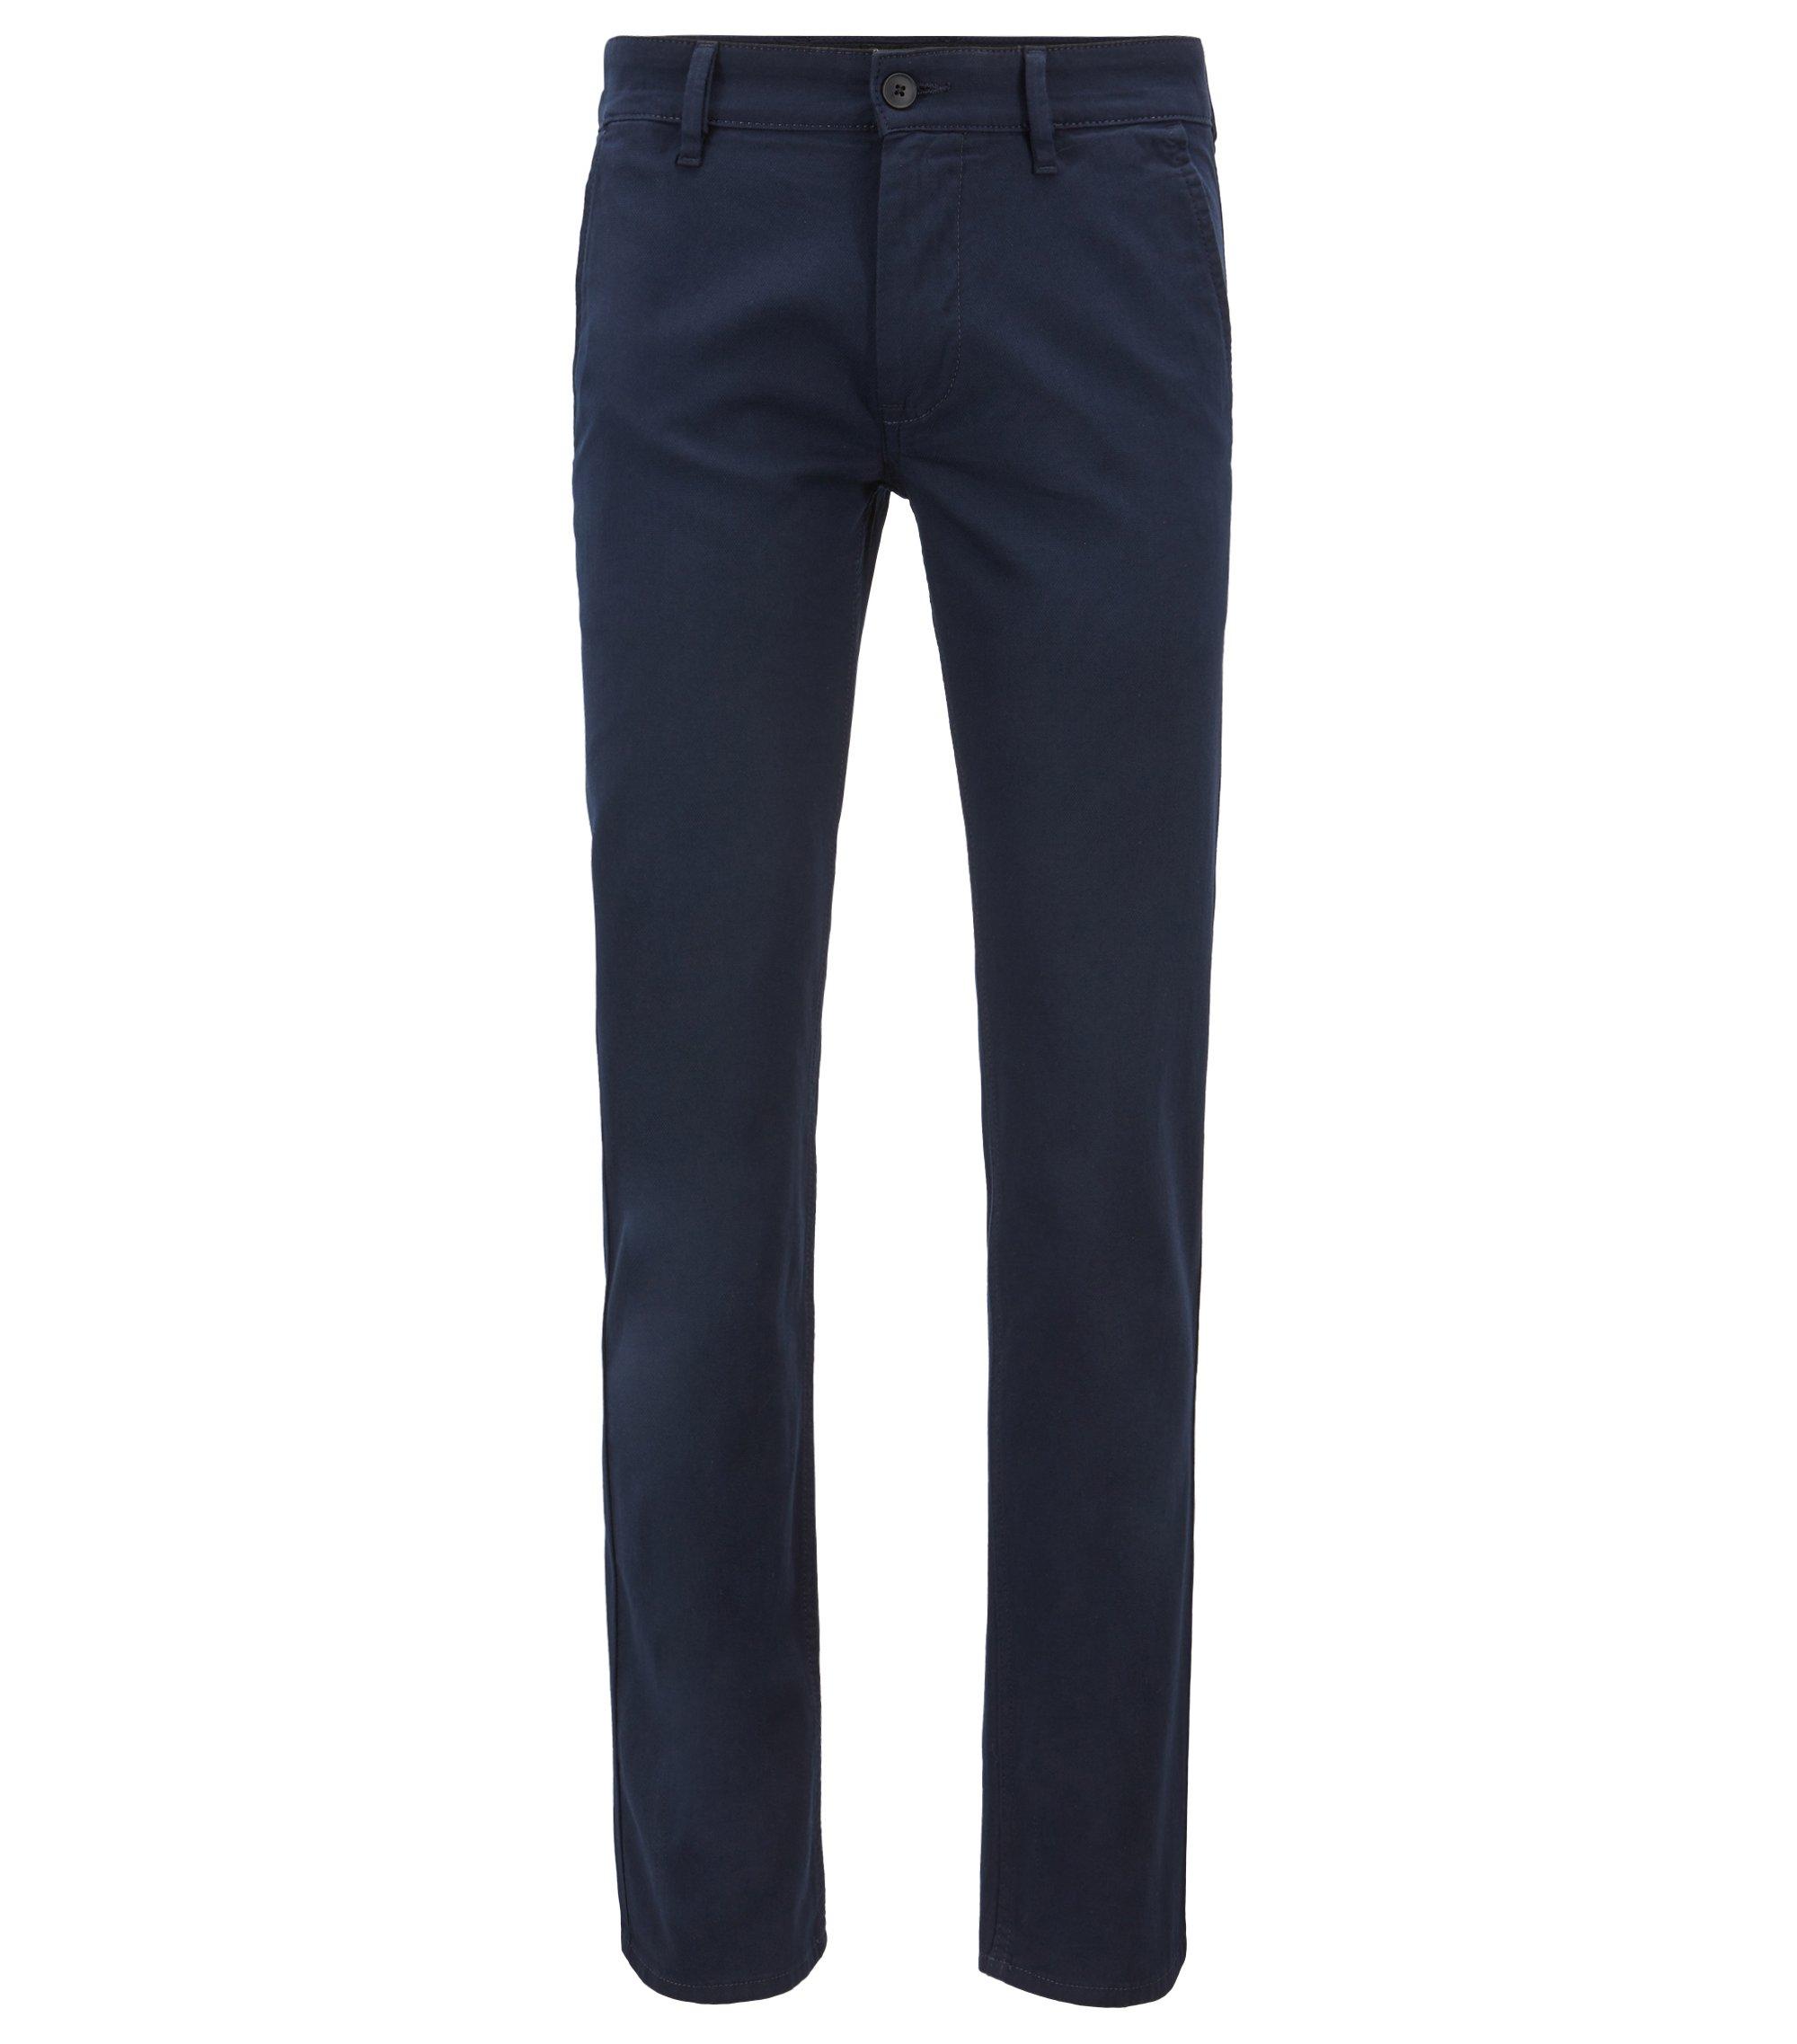 Überfärbte Slim-Fit Hose mit doppelten Gürtelschlaufen, Dunkelblau